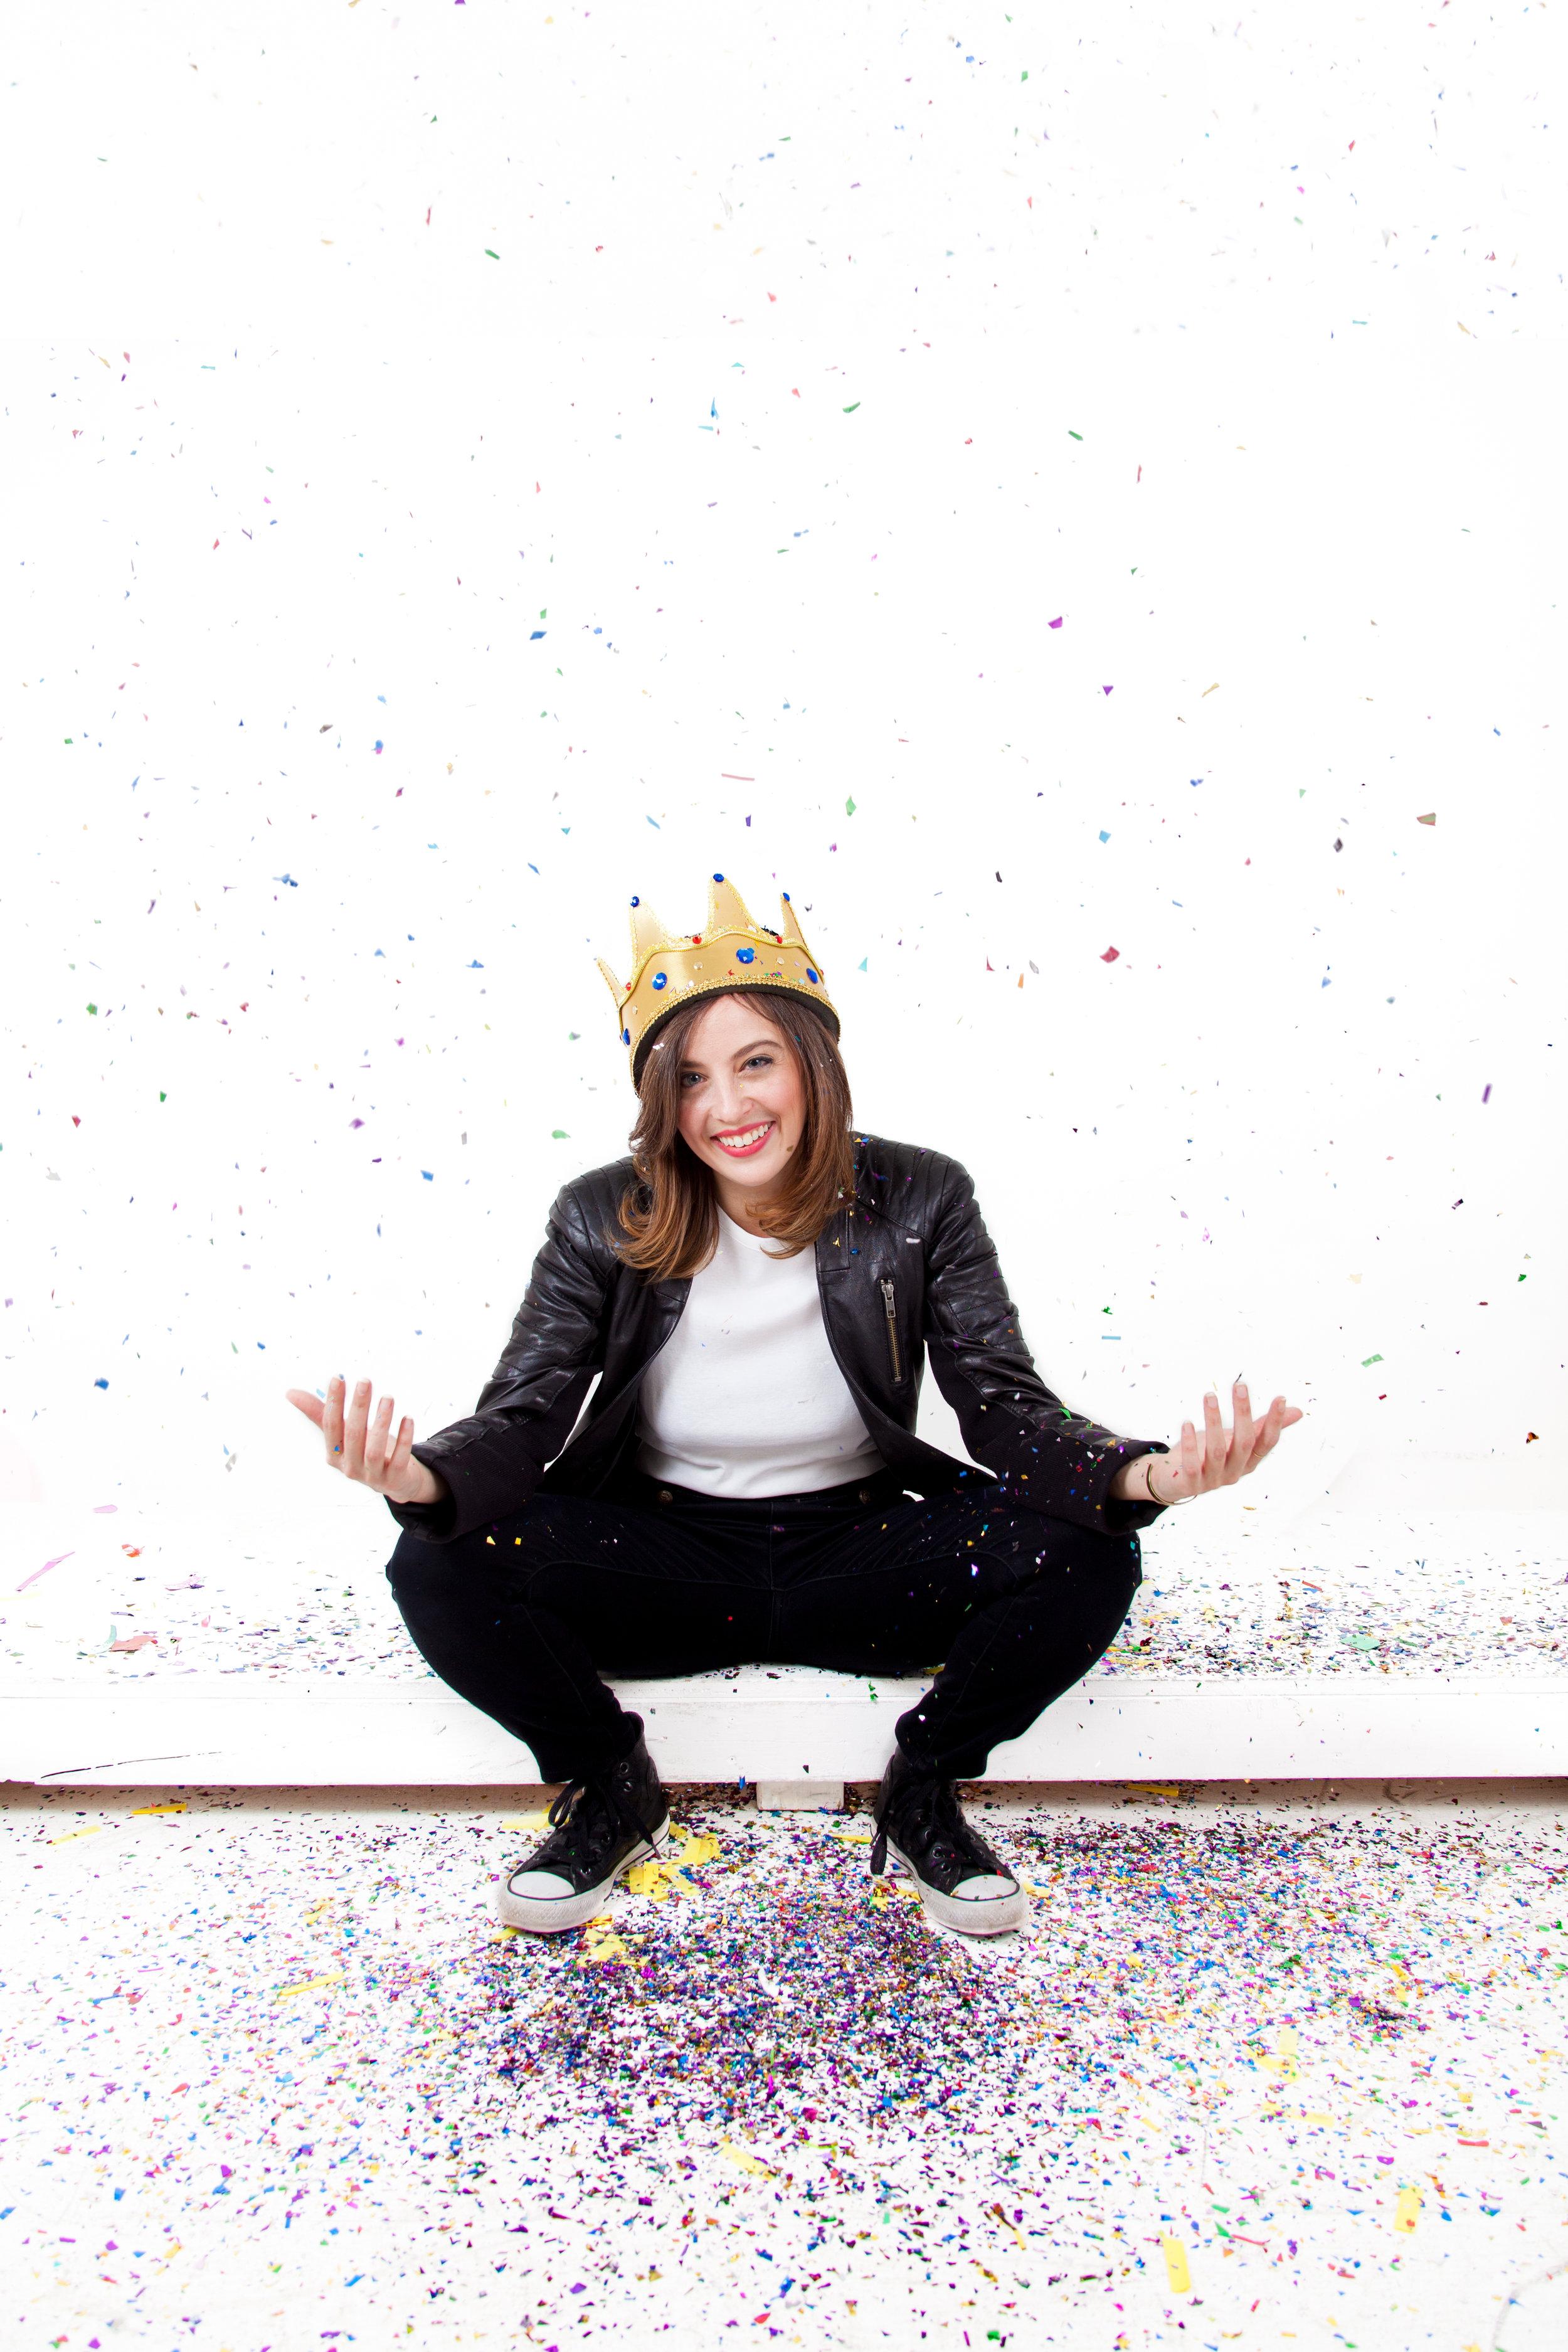 Queen Ari Reposing